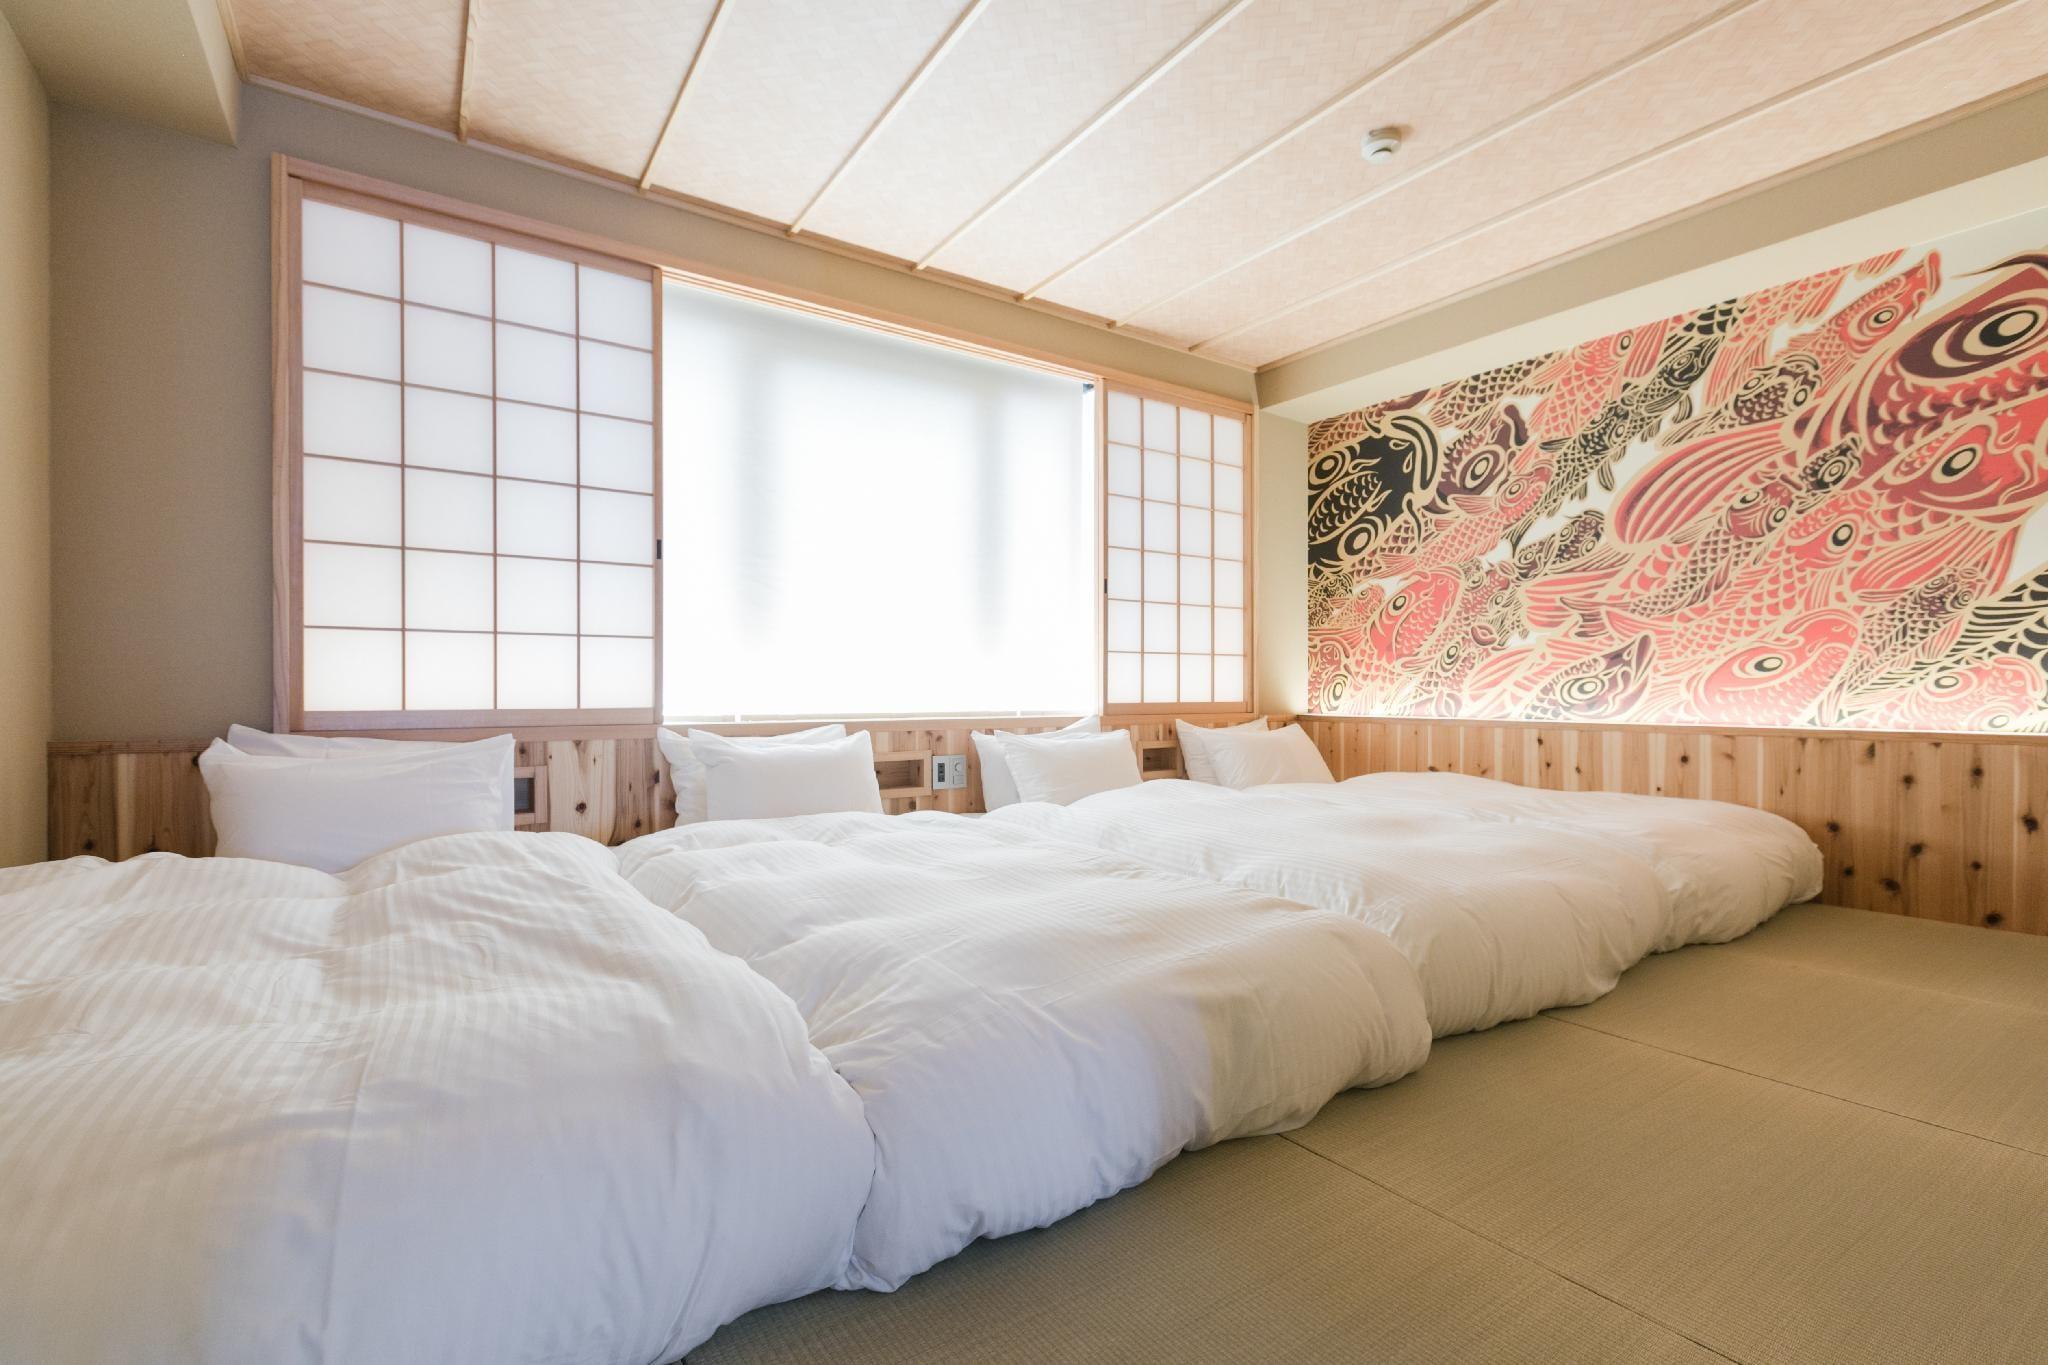 京都住宿|京都格蘭雷姆青年旅館 (GRAND-REM KYOTO)